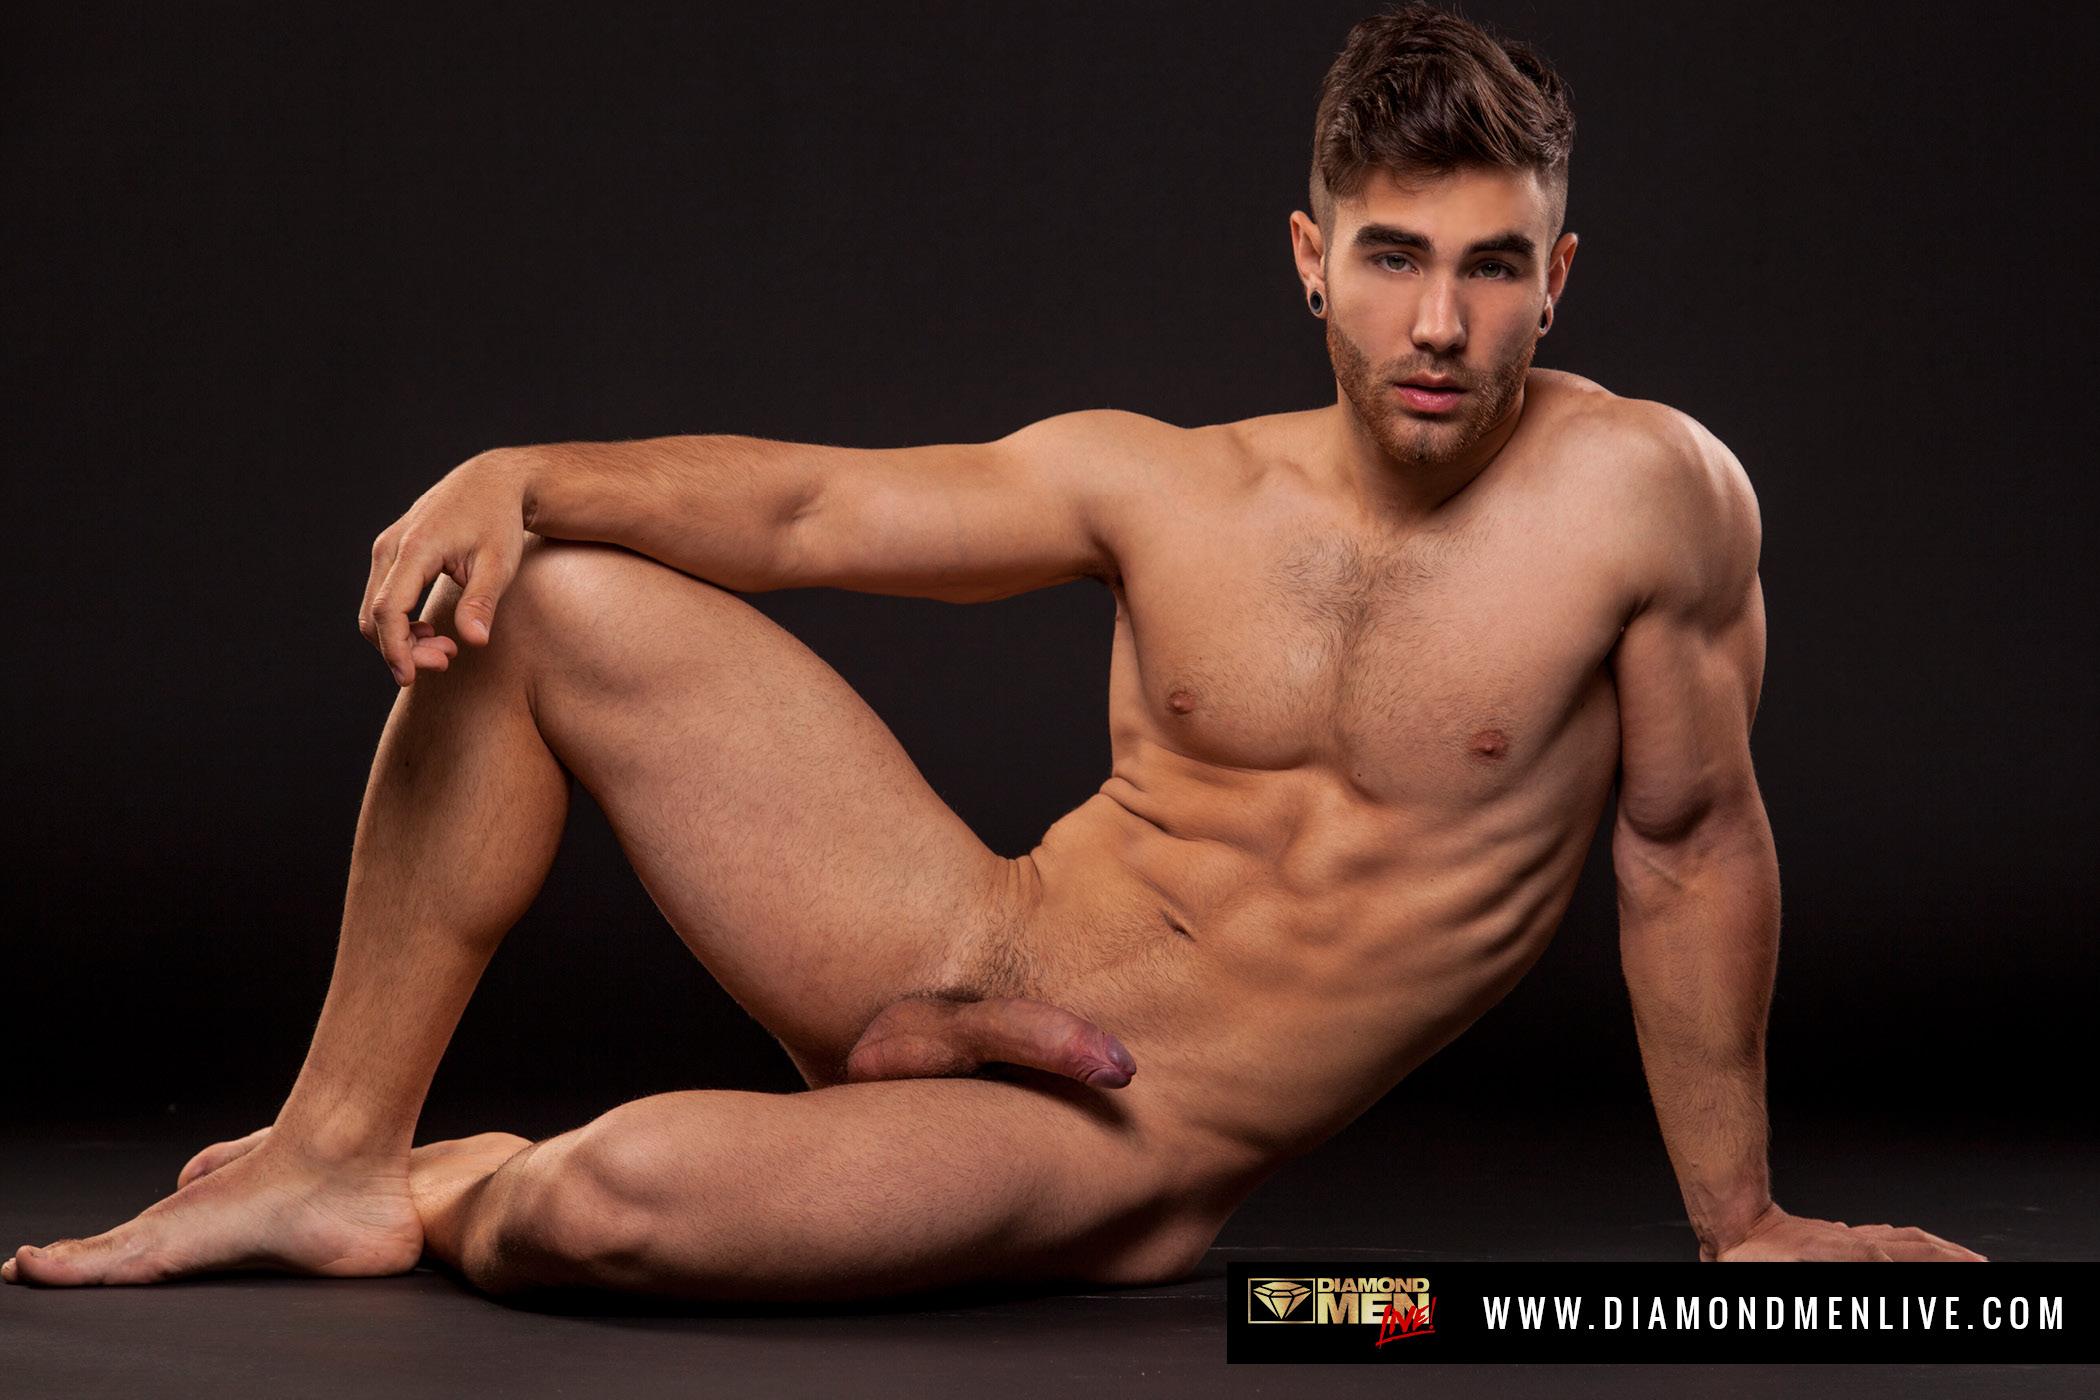 Aiden Kay Justin Lewis Porn watch flirt 4 free sax com xxx for free - www.enjoysexpics.eu